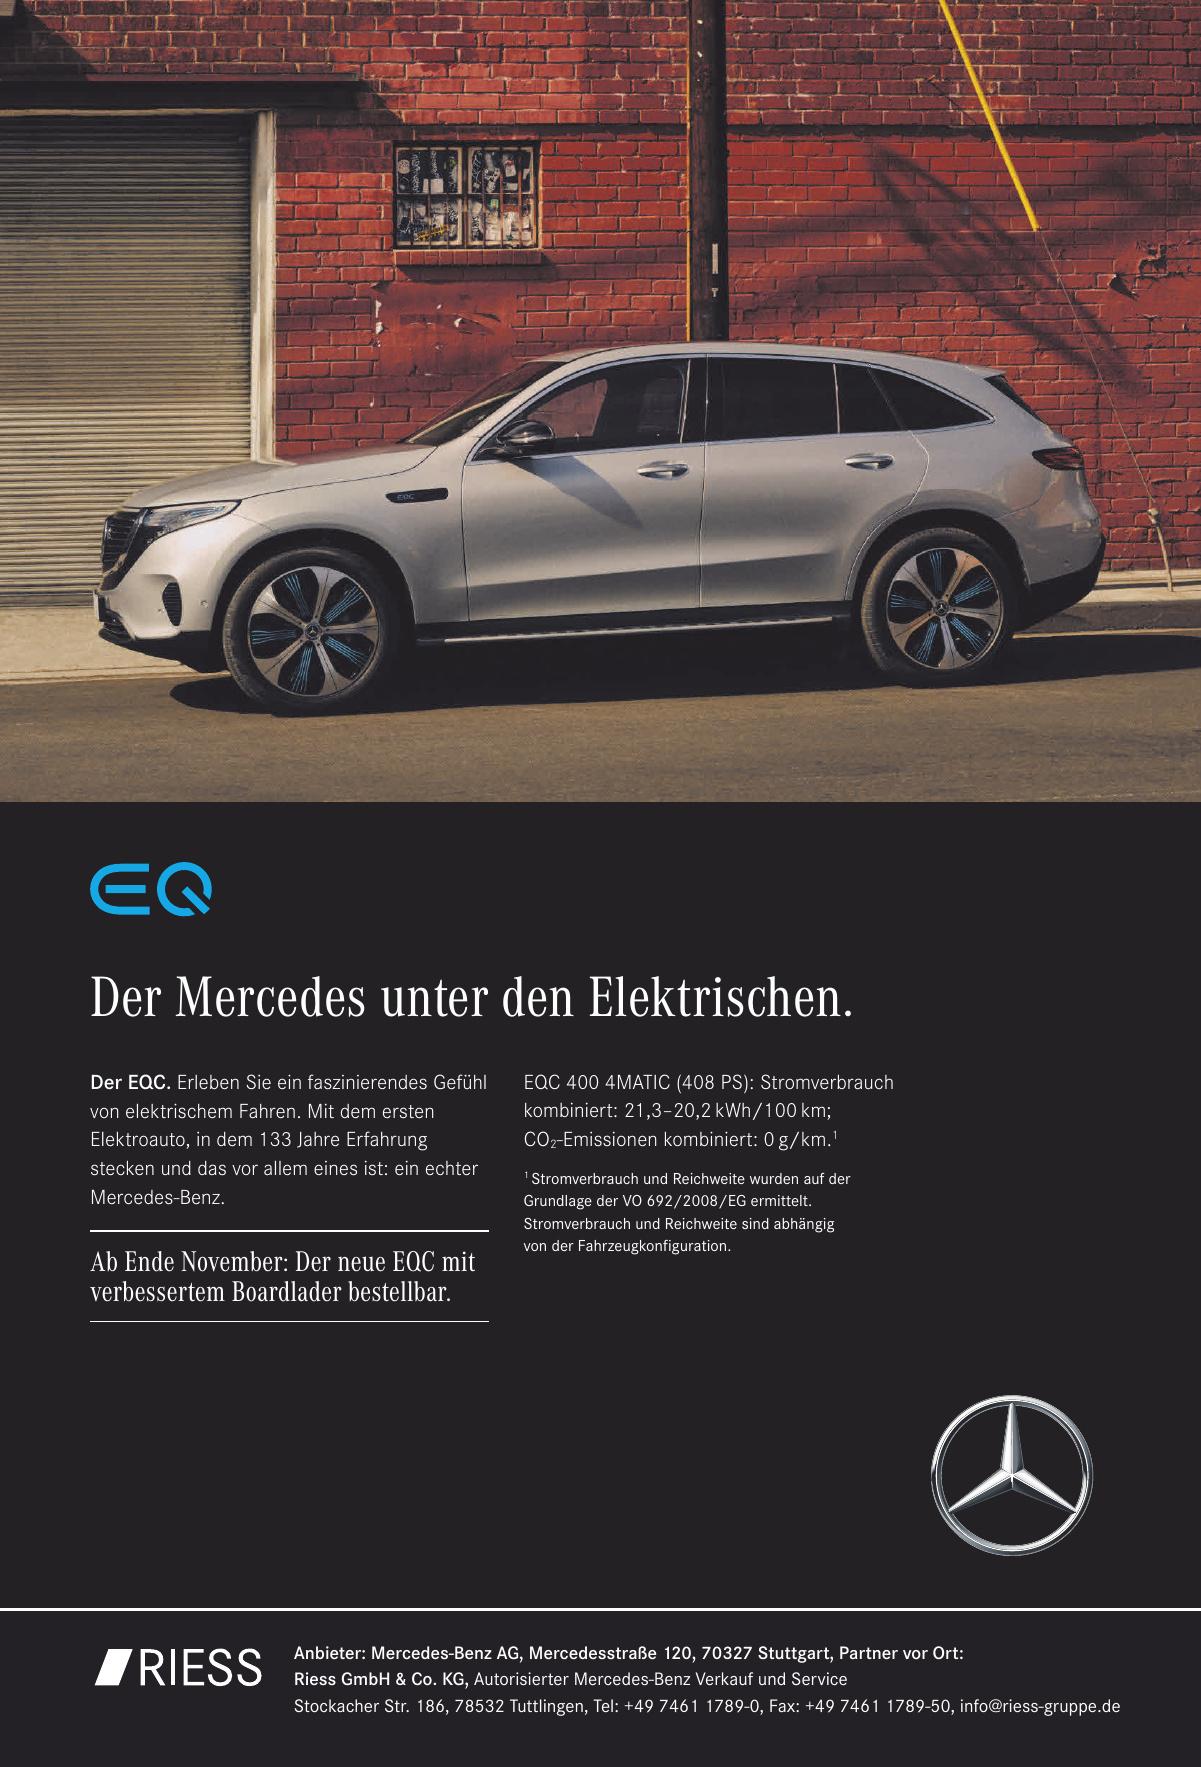 Der Eqc Eine Testfahrt Wird Elektrisch Tuttlingen Schwabische Zeitung